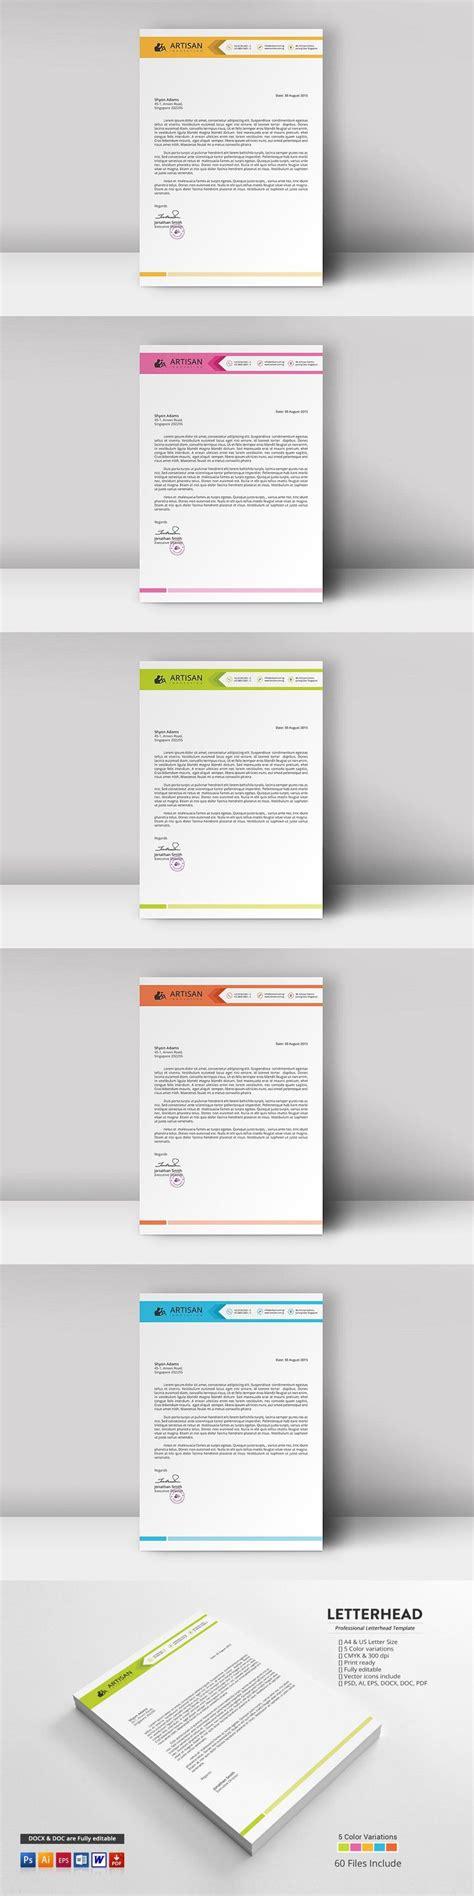 Letterhead Template in 2020 Letterhead template